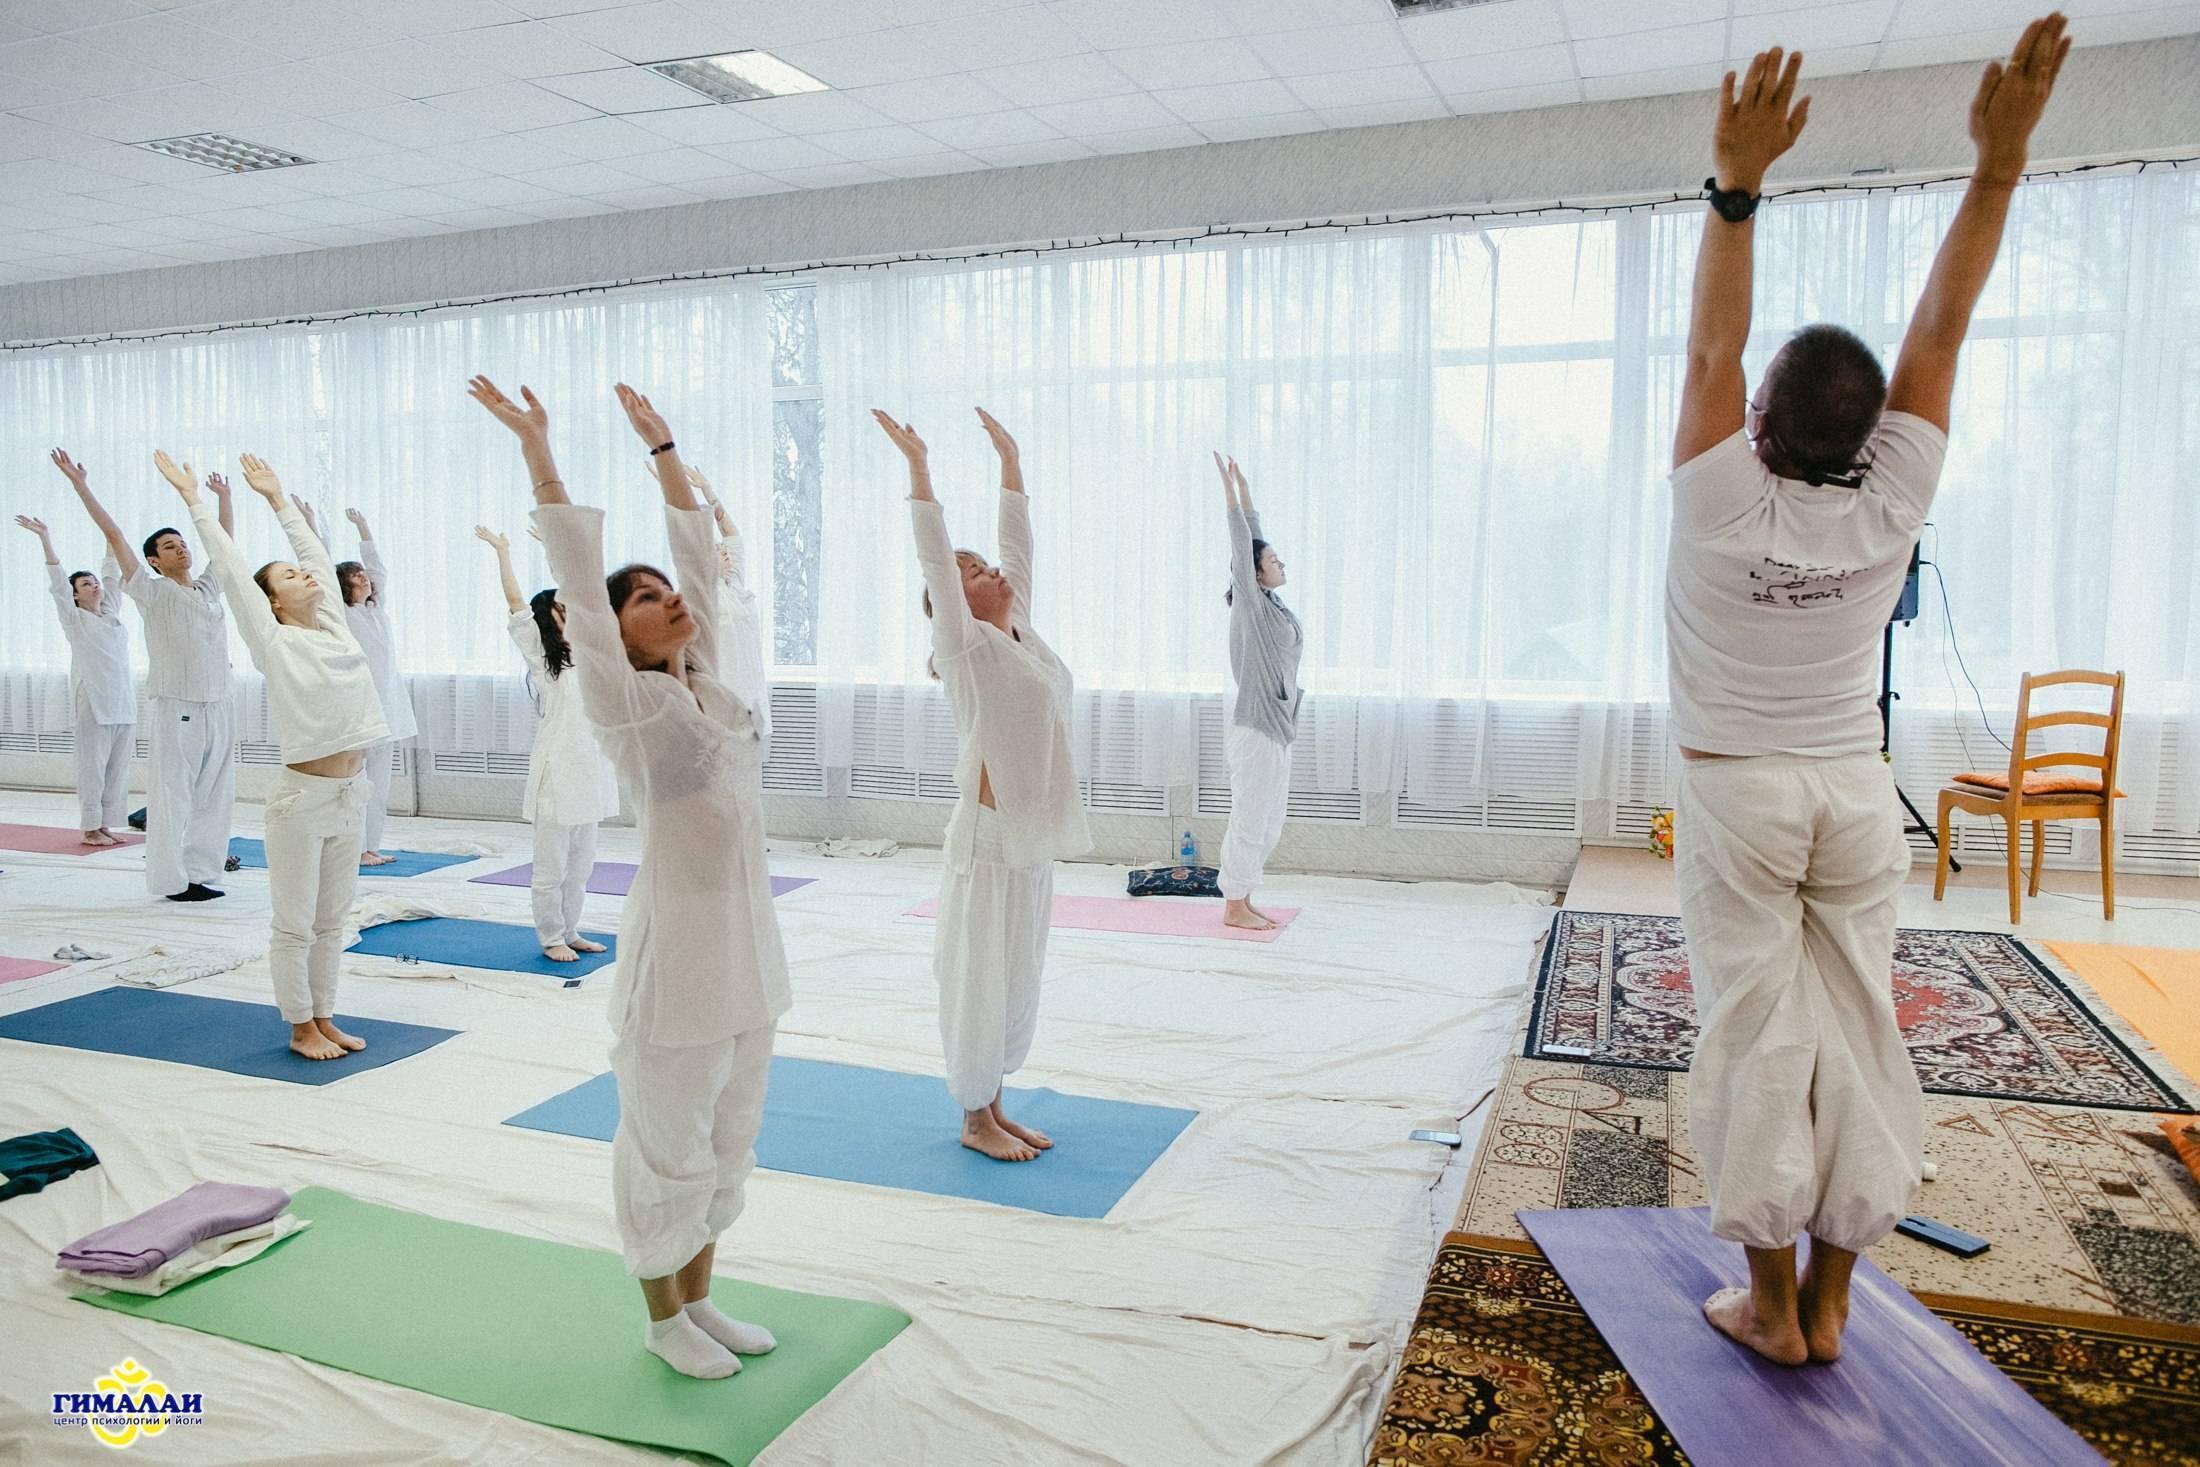 Карма-йога: основные принципы и упражнения, а также отличия этого вида